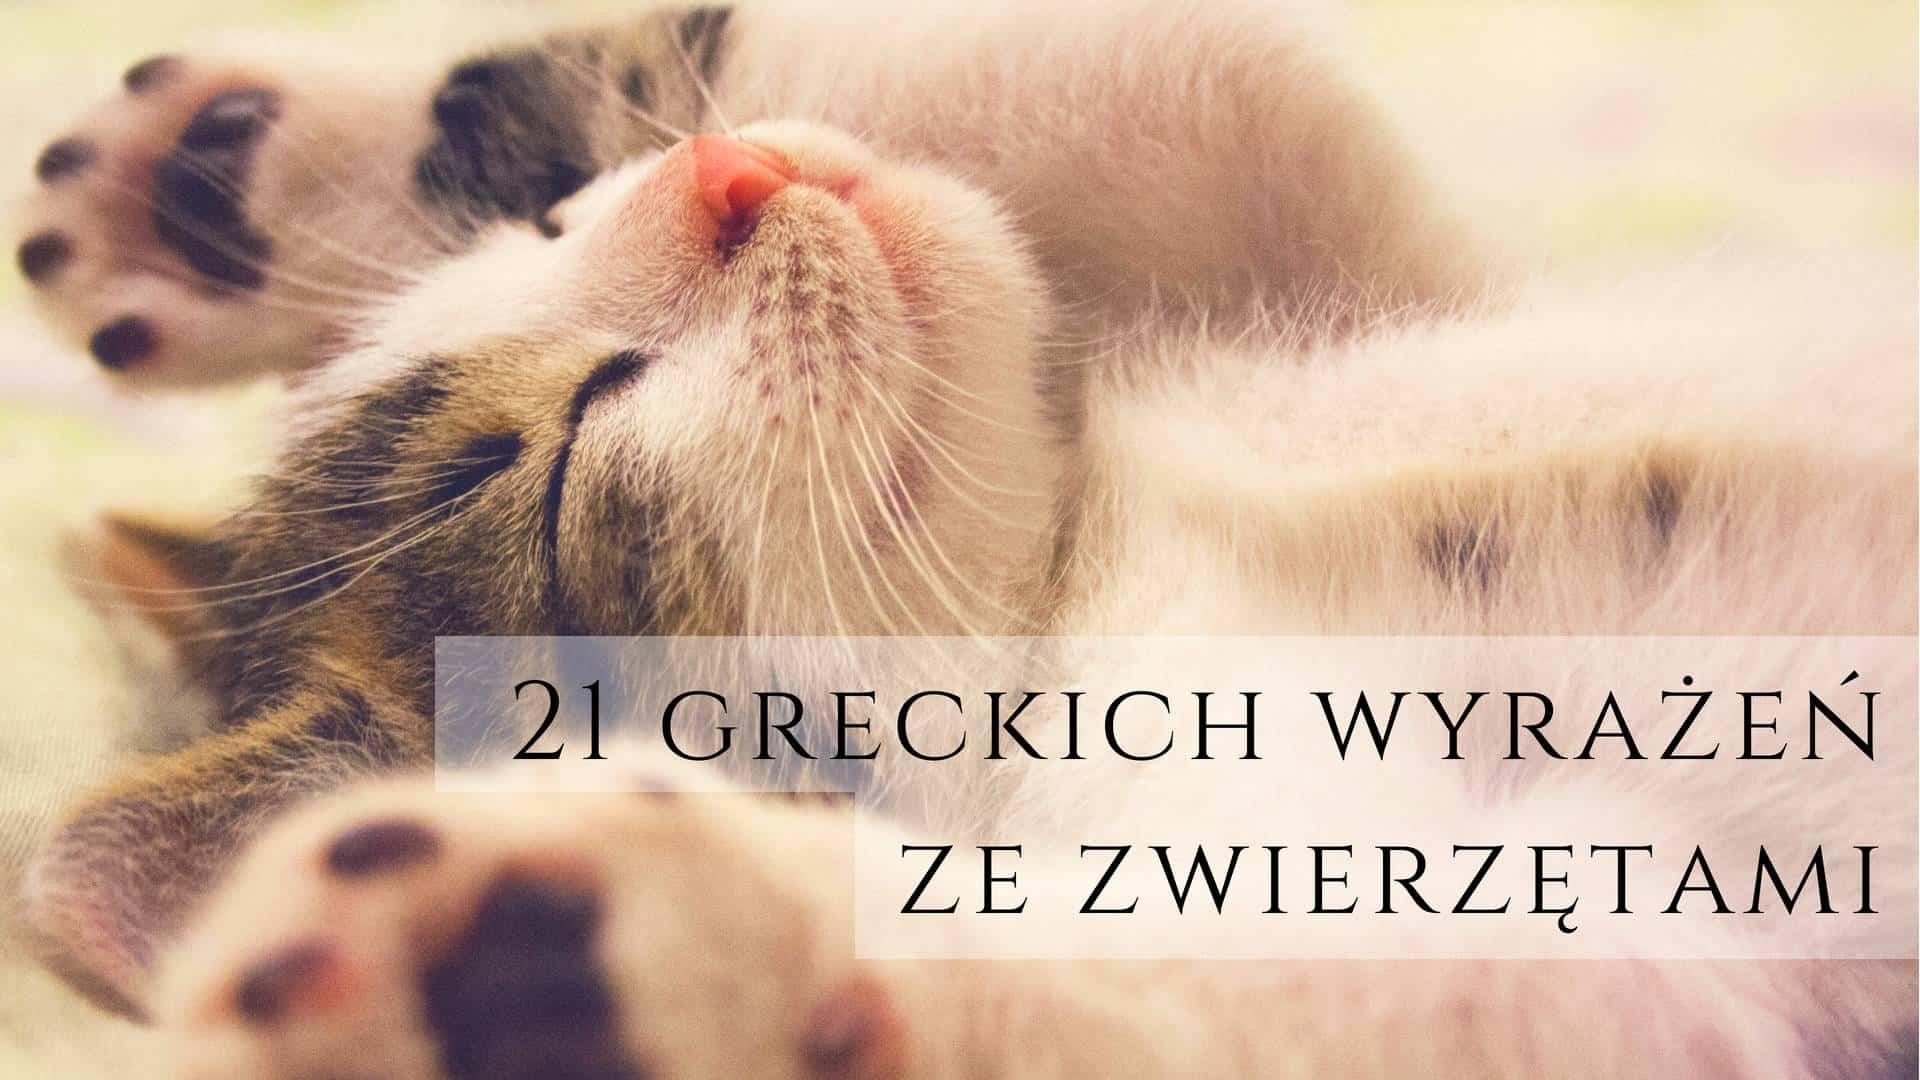 greckie wyrazenia ze zwierzetami